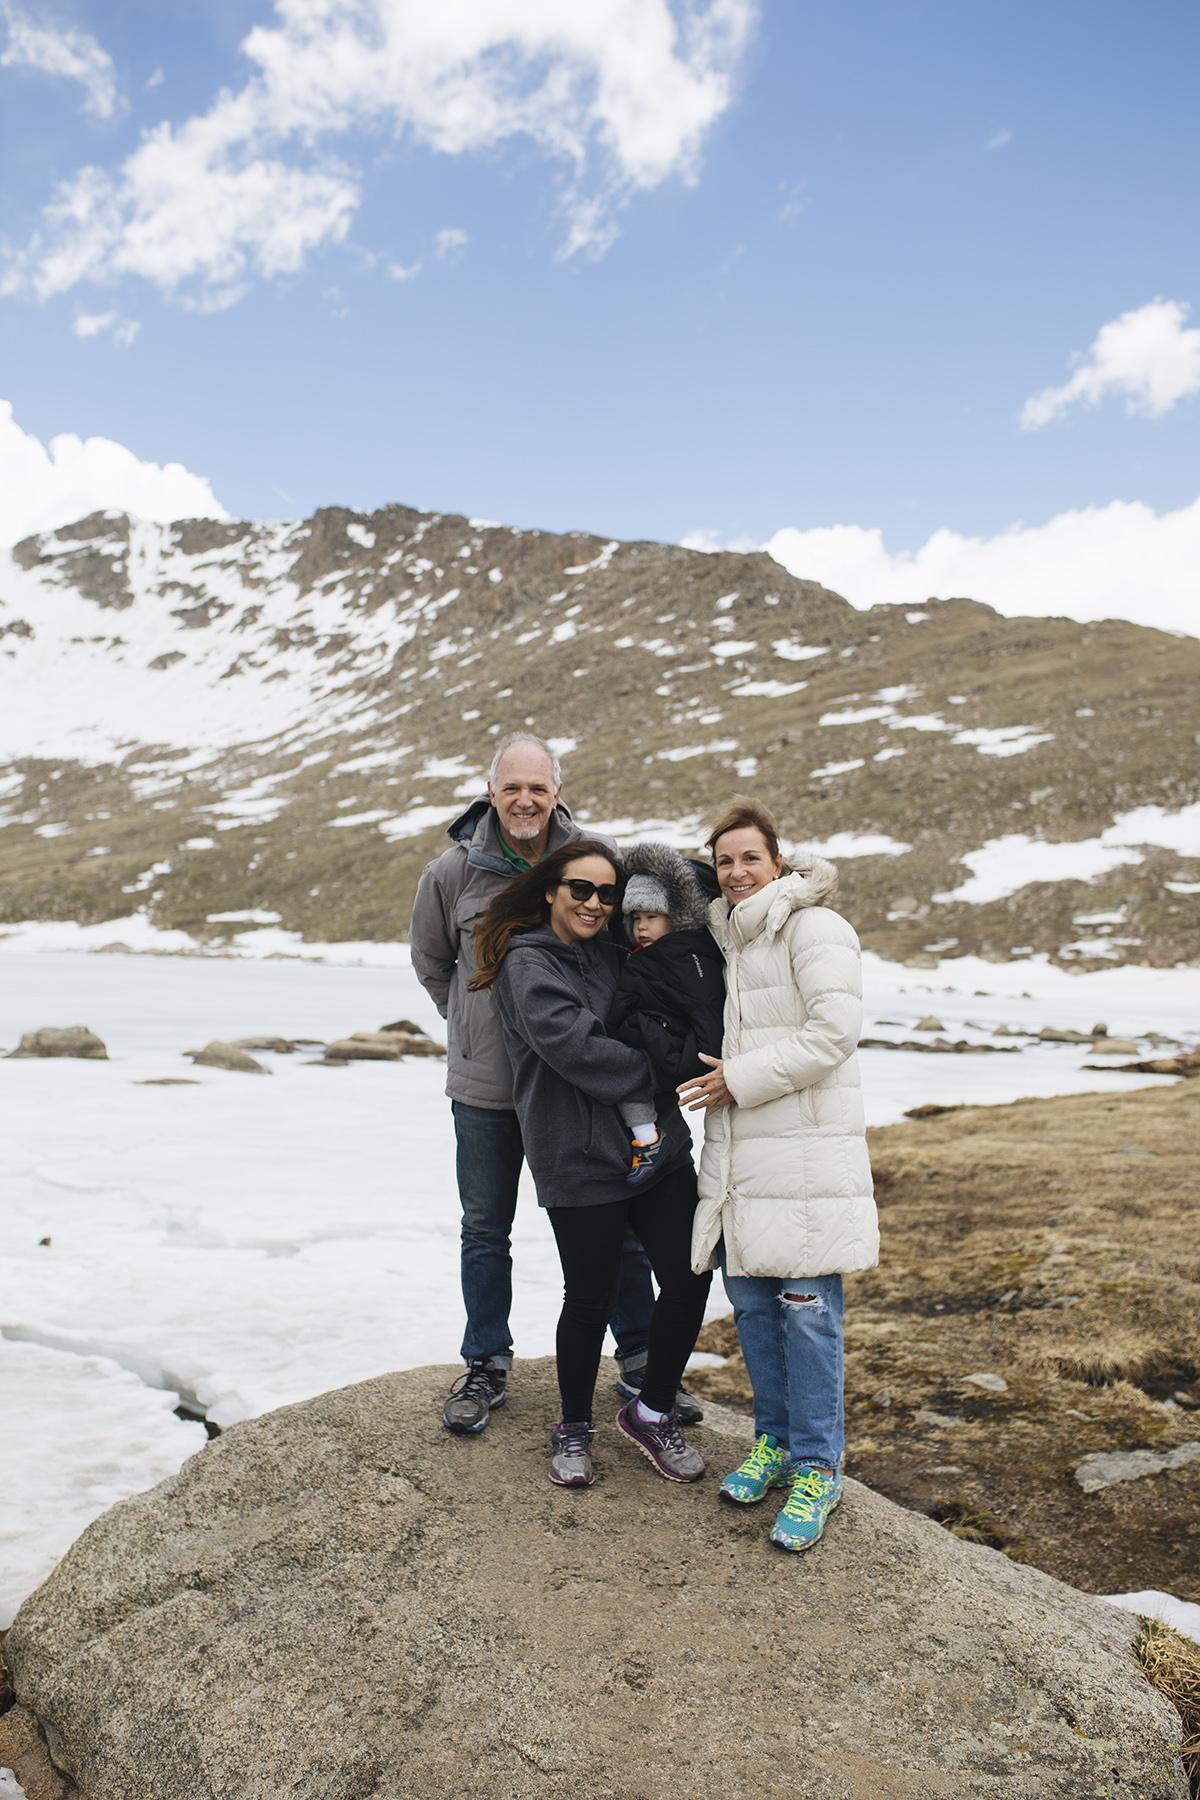 Tips for Visiting Mount Evans